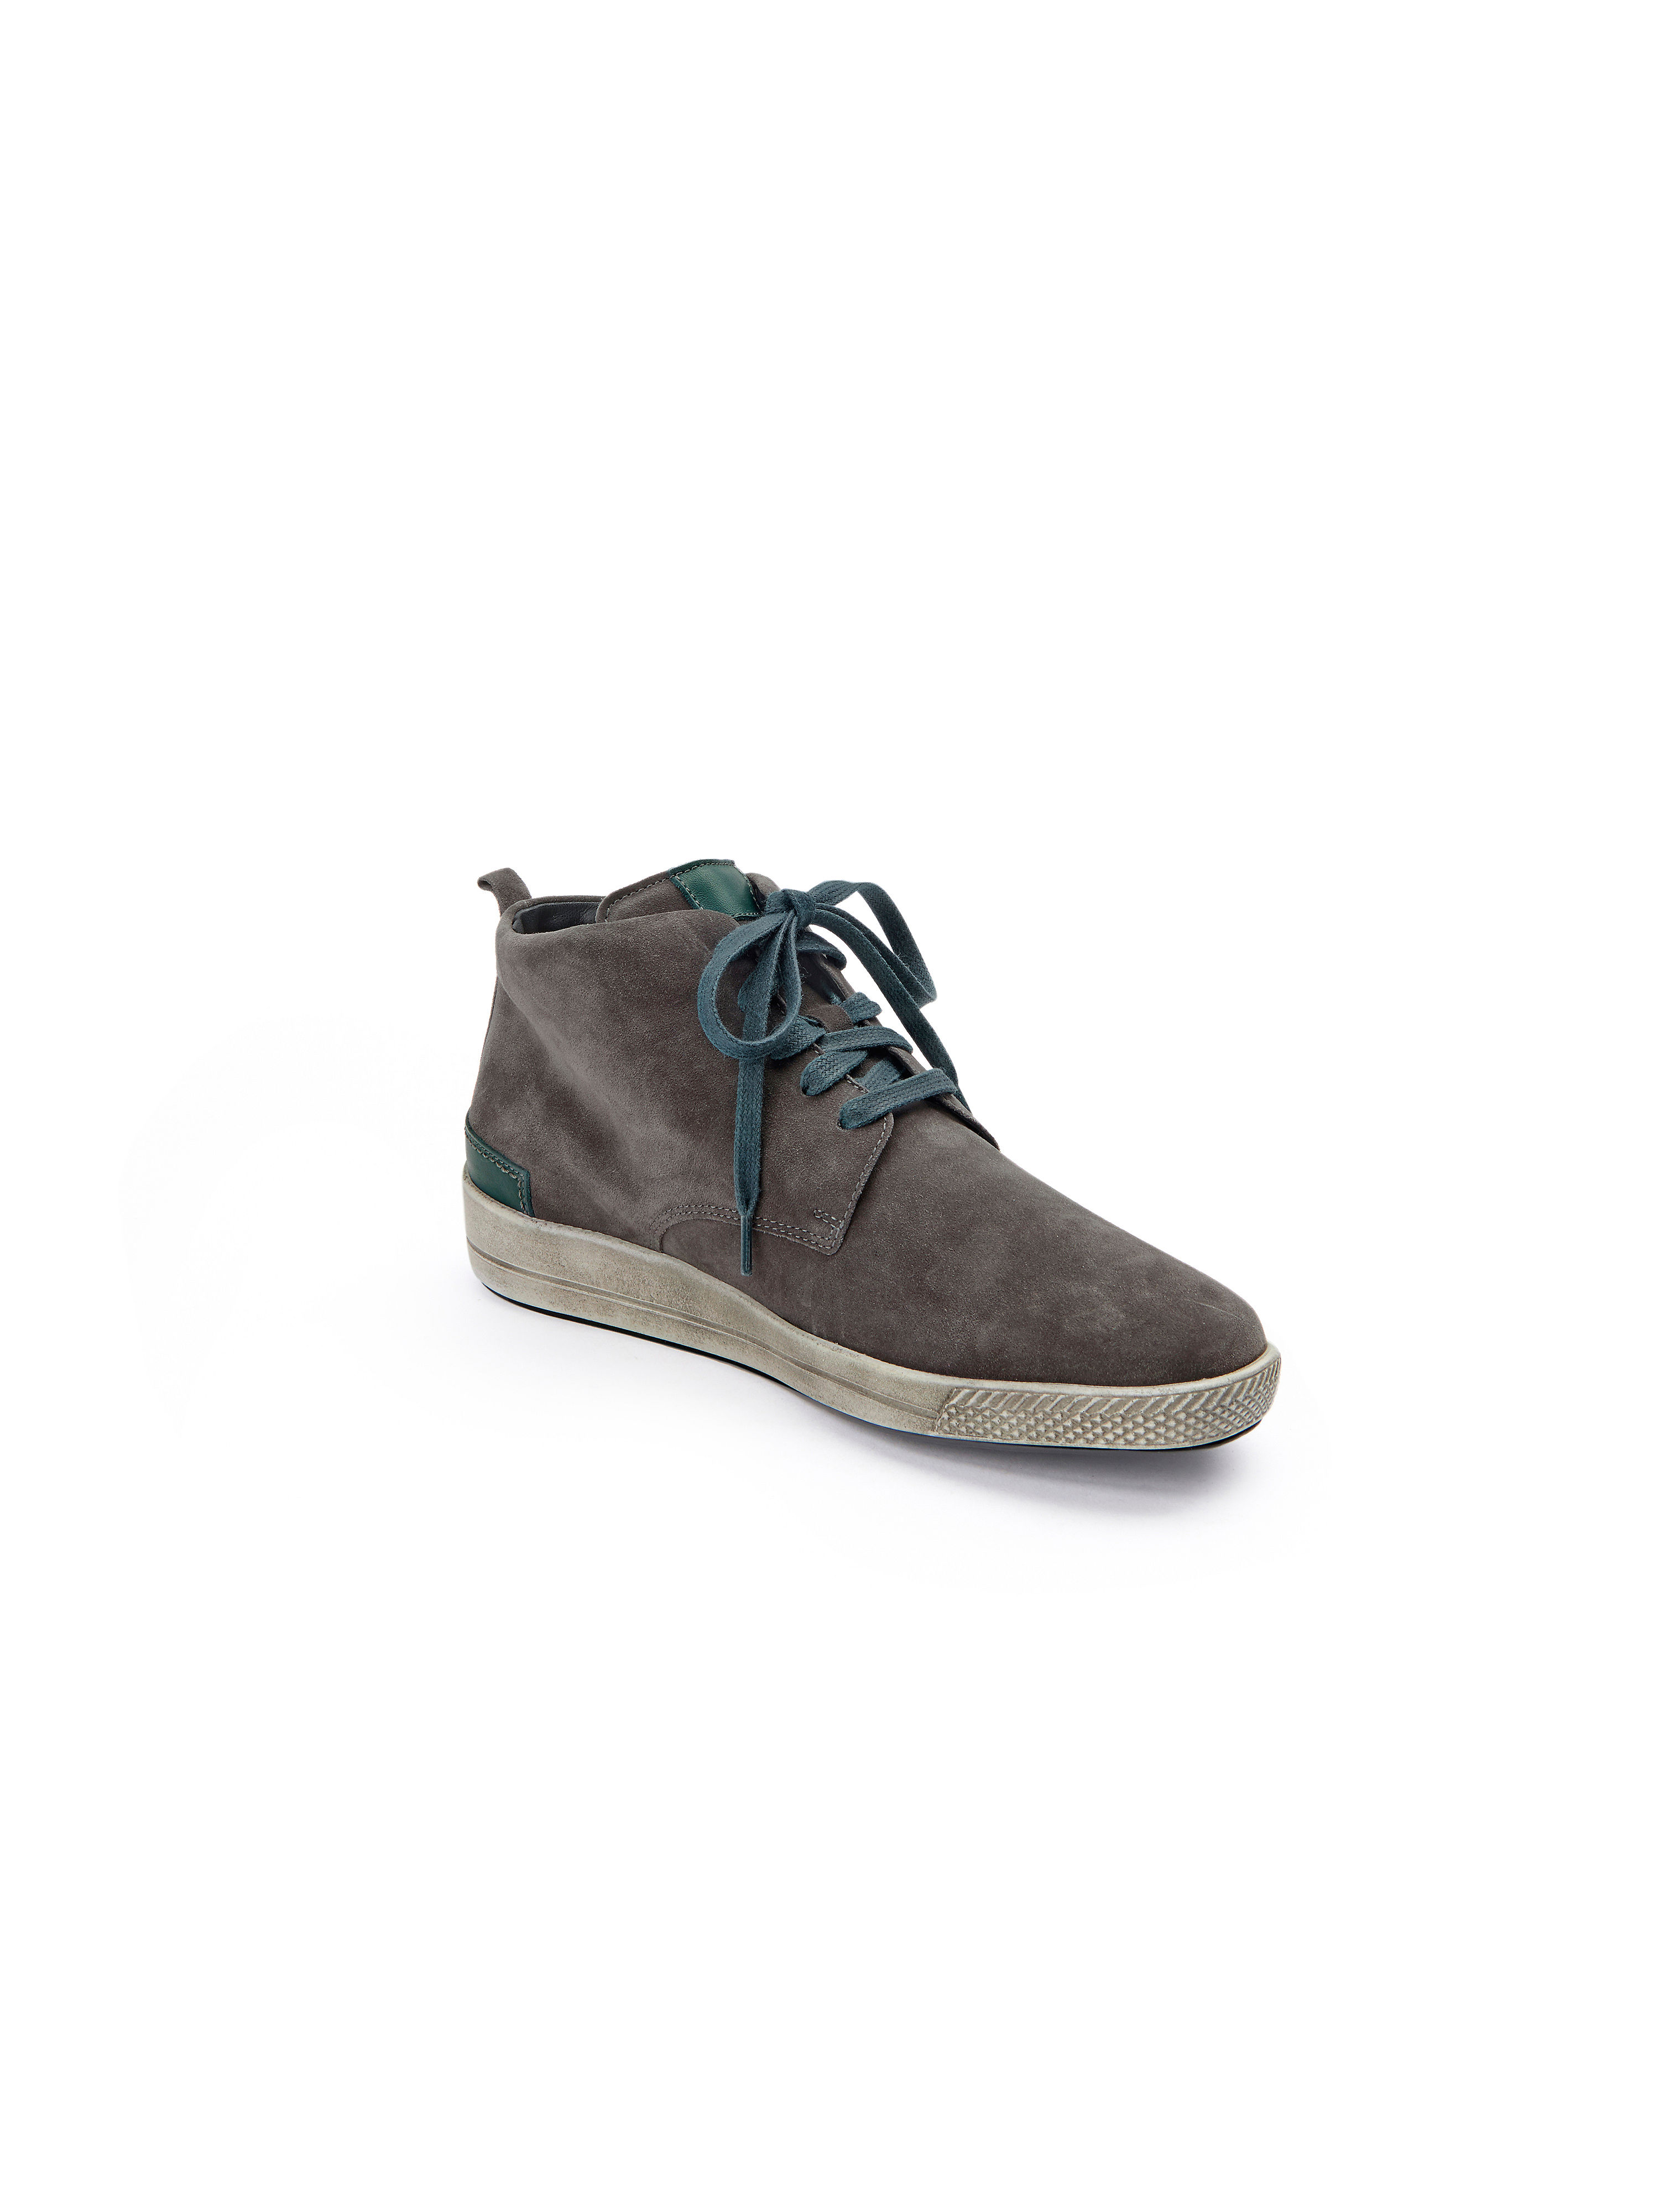 Ganter - Knöchelhoher Sneaker - Anthrazit Gute Qualität beliebte Schuhe